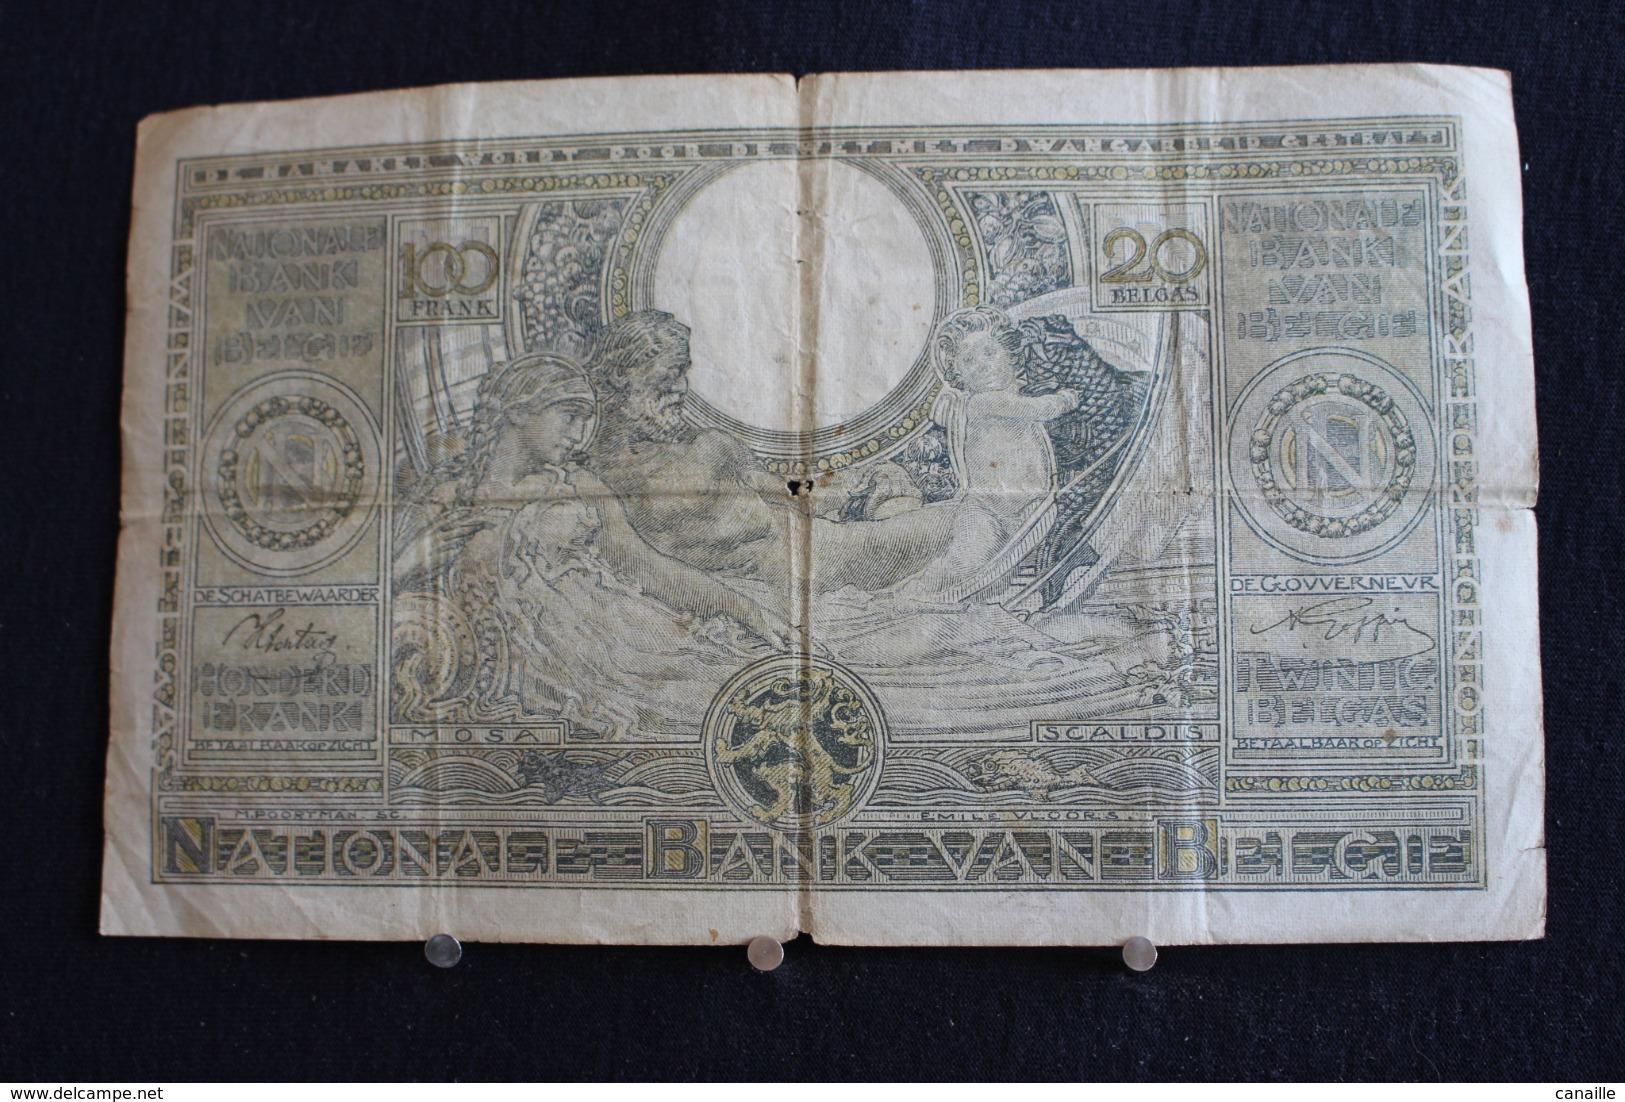 78 / Belgique - 100 Francs-20 Belgas, 1942 -   Nationale Bank Van Belgie   /  N° 8281.K.587 - [ 2] 1831-... : Regno Del Belgio